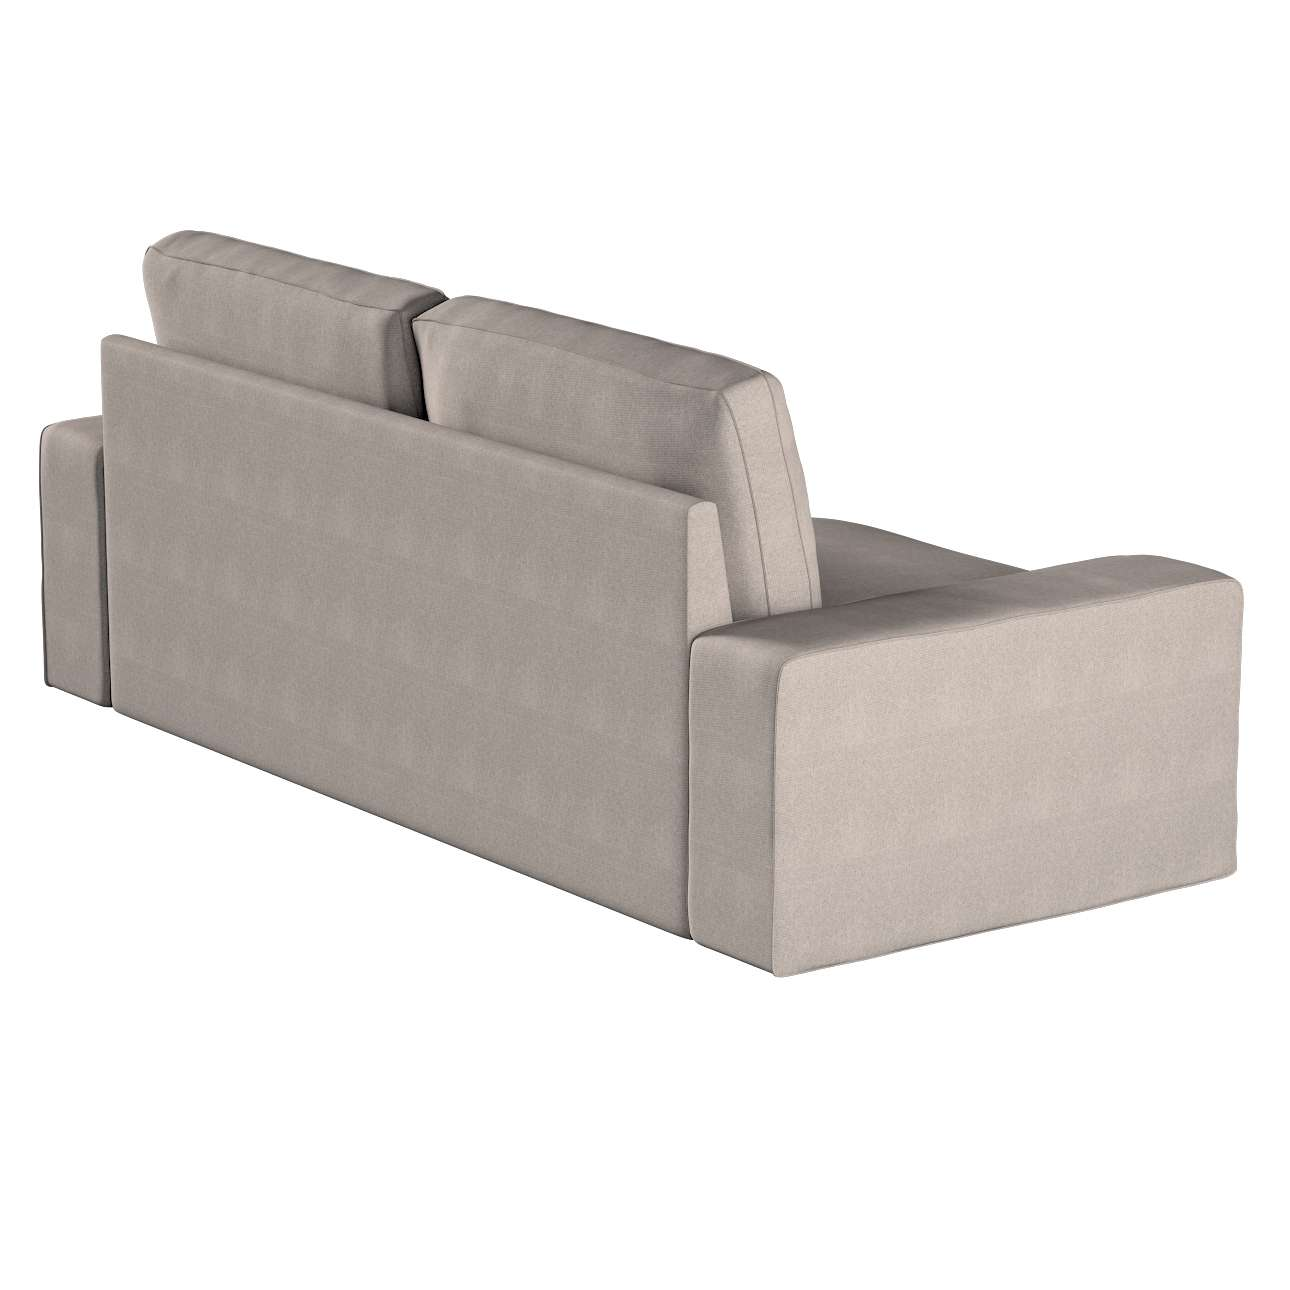 Pokrowiec na sofę Kivik 3-osobową, nierozkładaną w kolekcji Etna, tkanina: 705-09